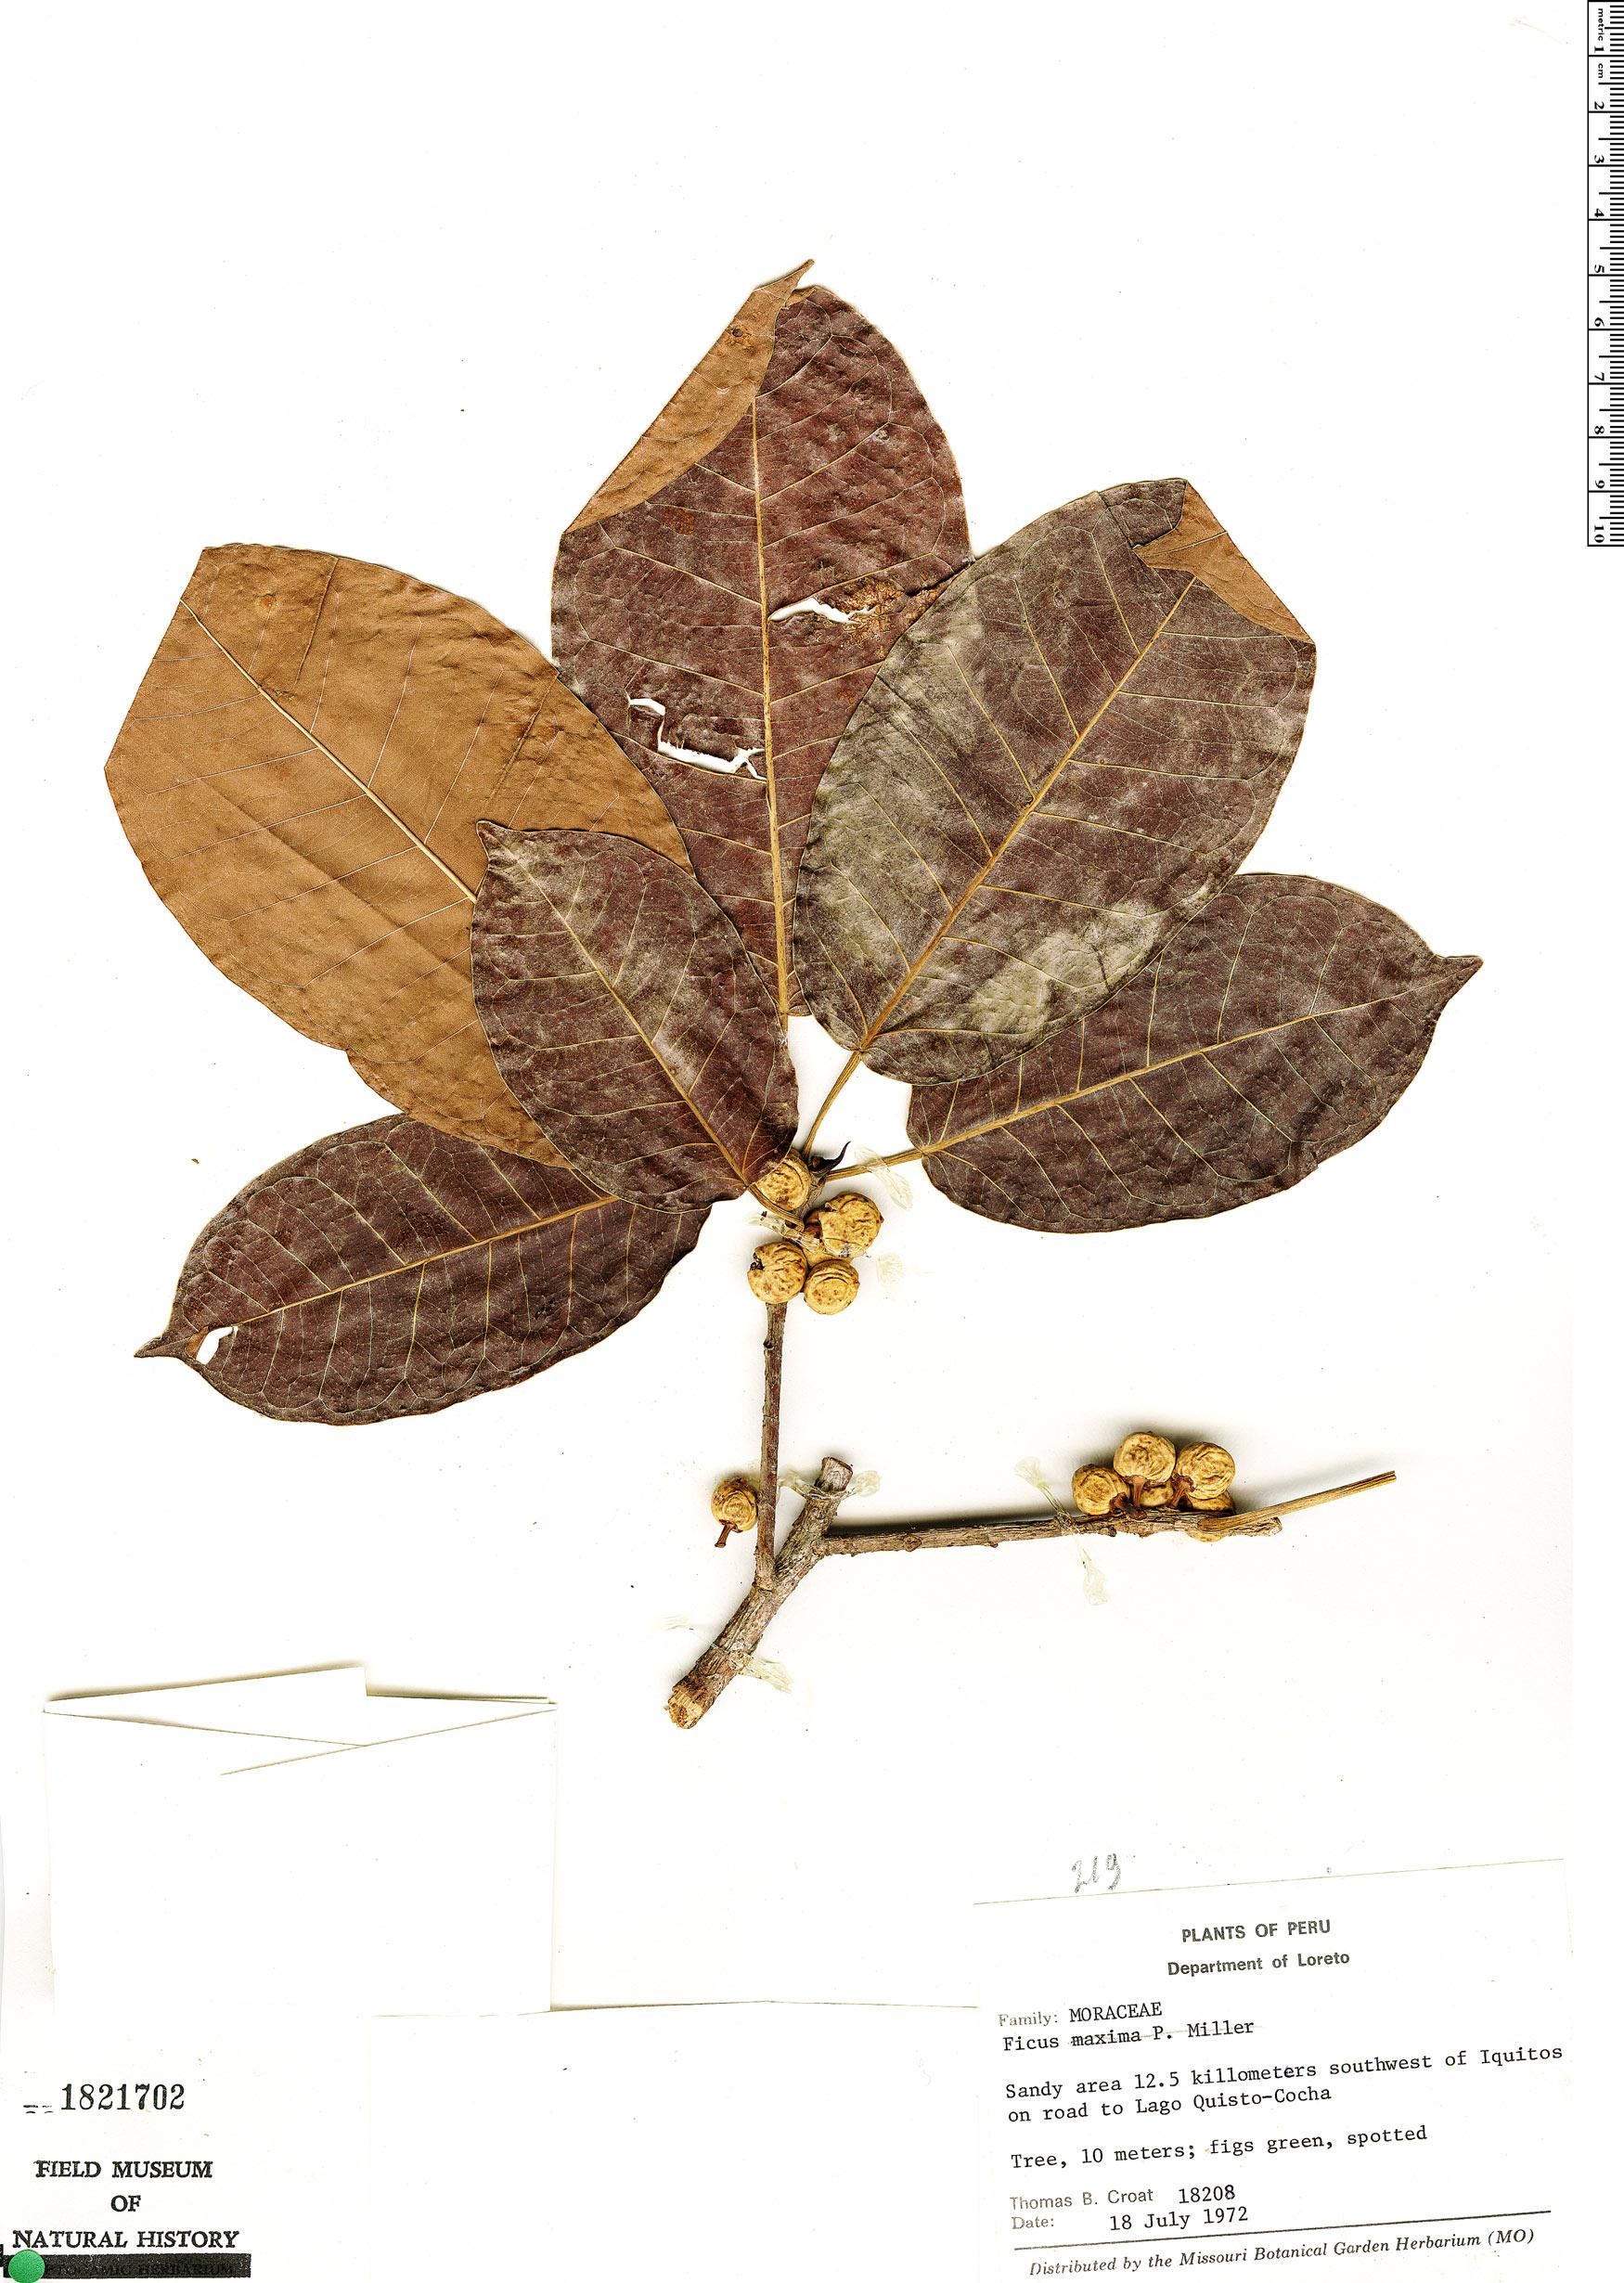 Specimen: Ficus citrifolia